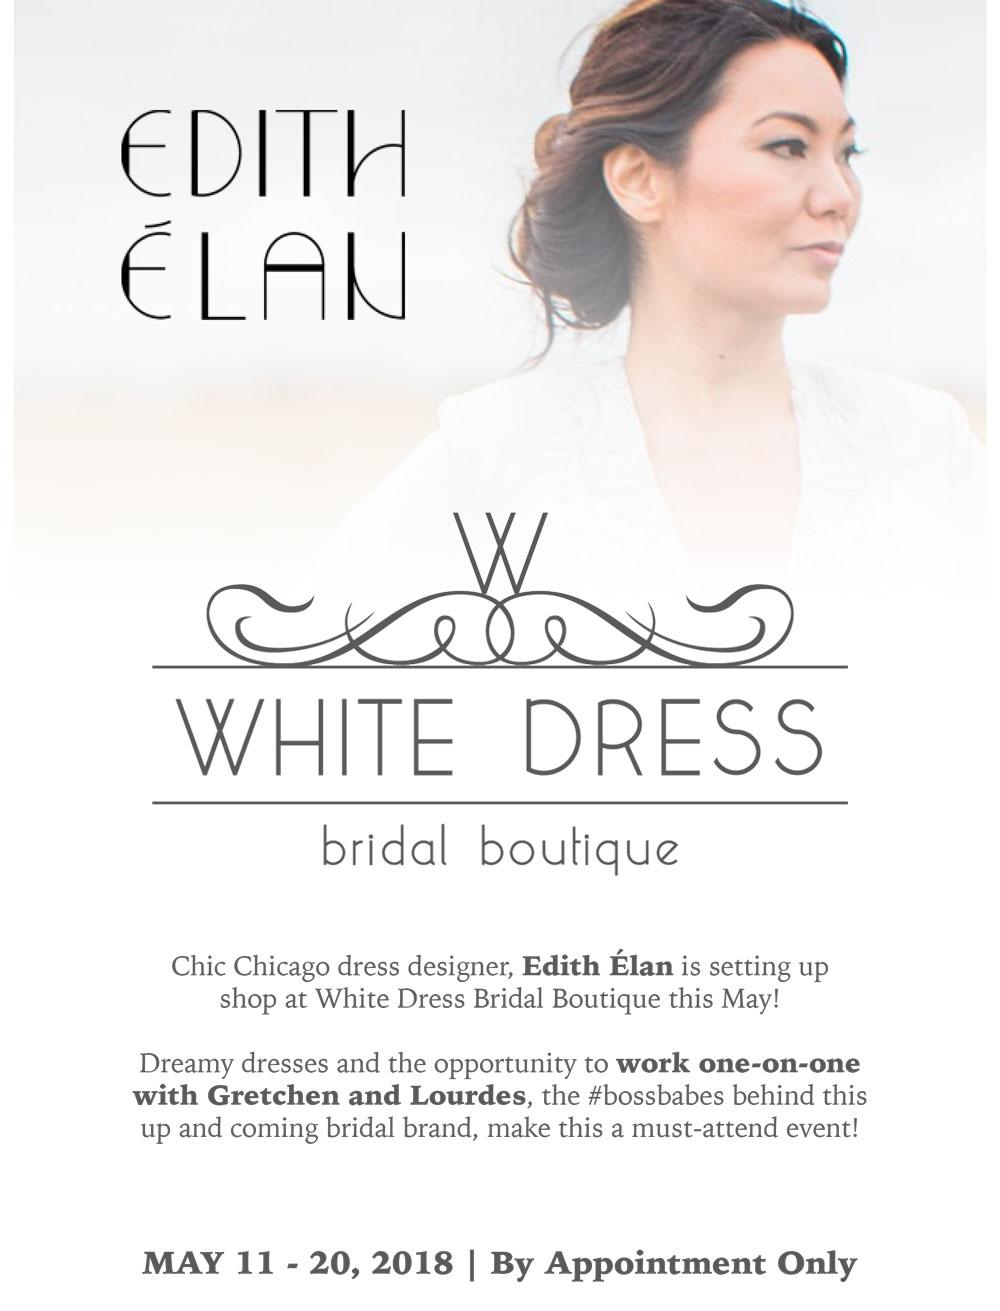 Edith Elan Trunk Show - Lake Forest, Illinois - White Dress Bridal Boutique